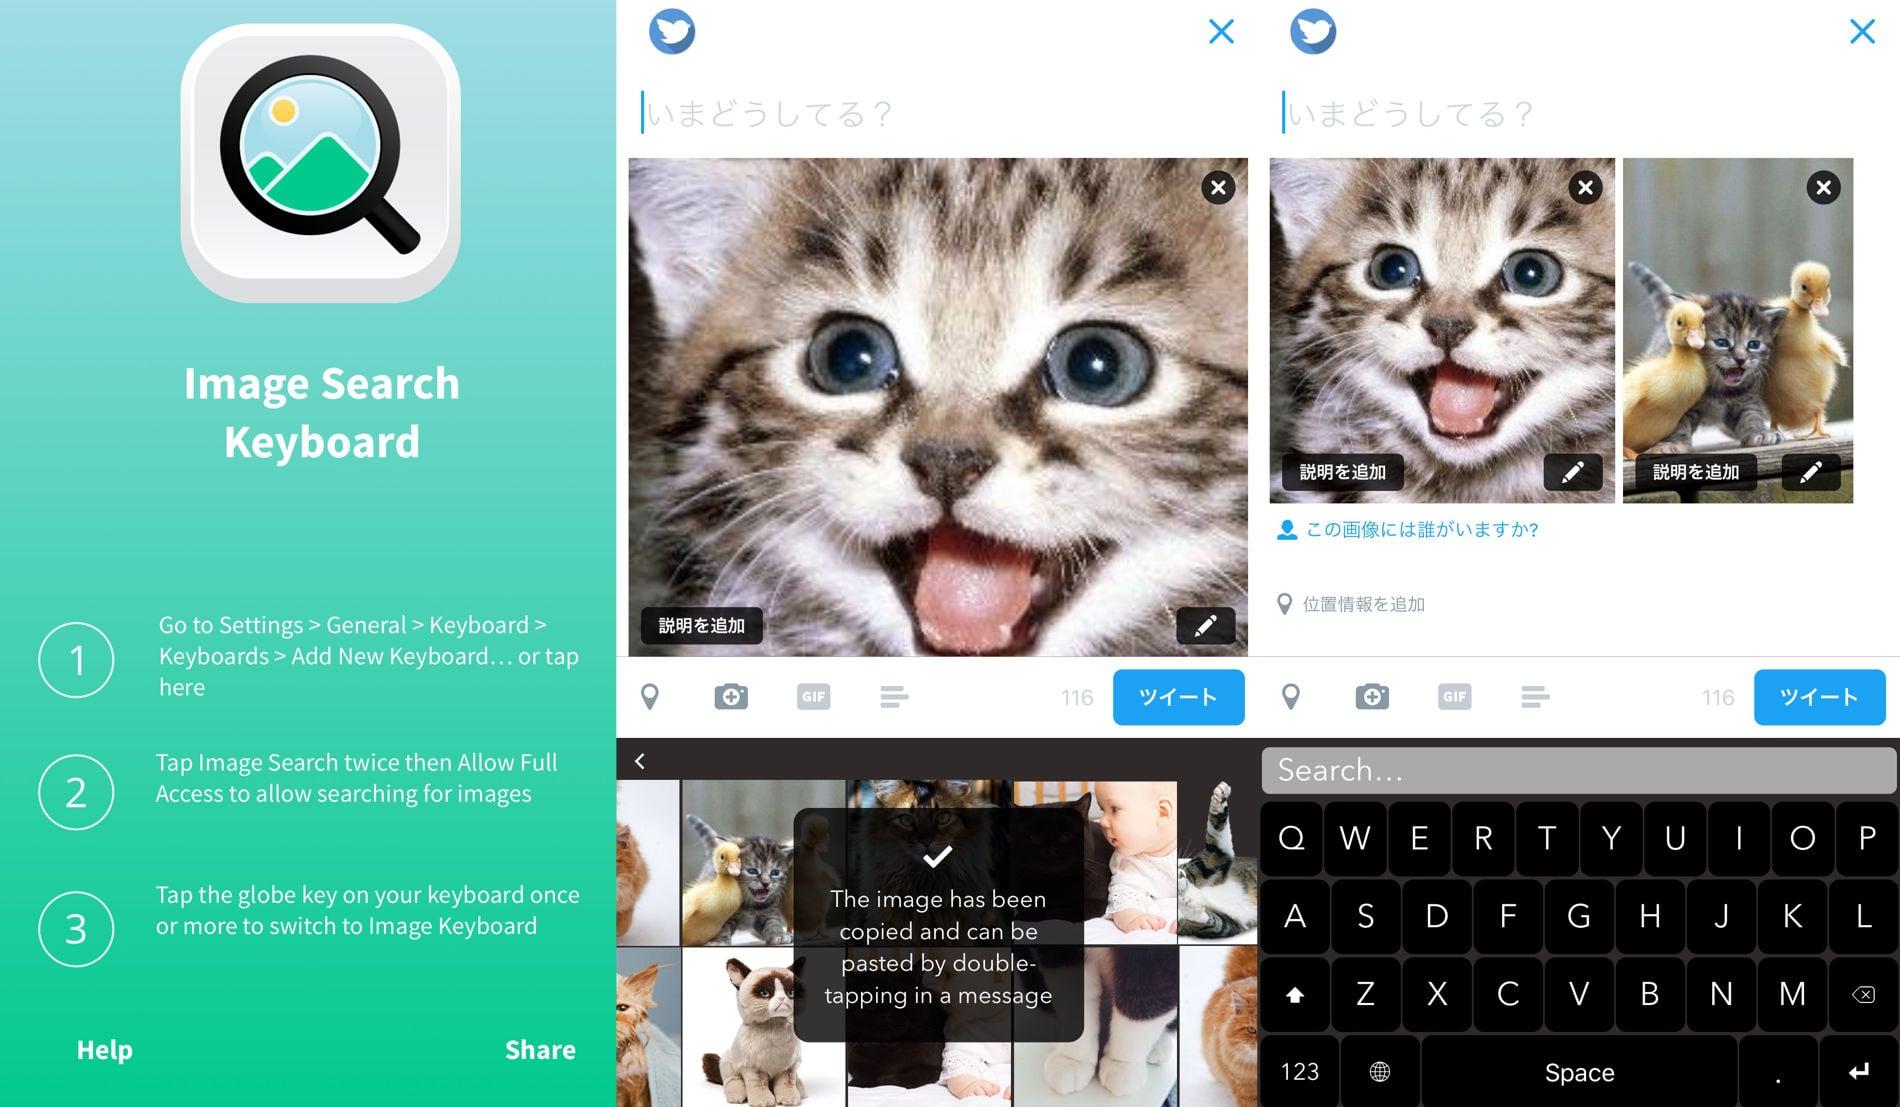 ImageSearchKeyboard iOSApp 01